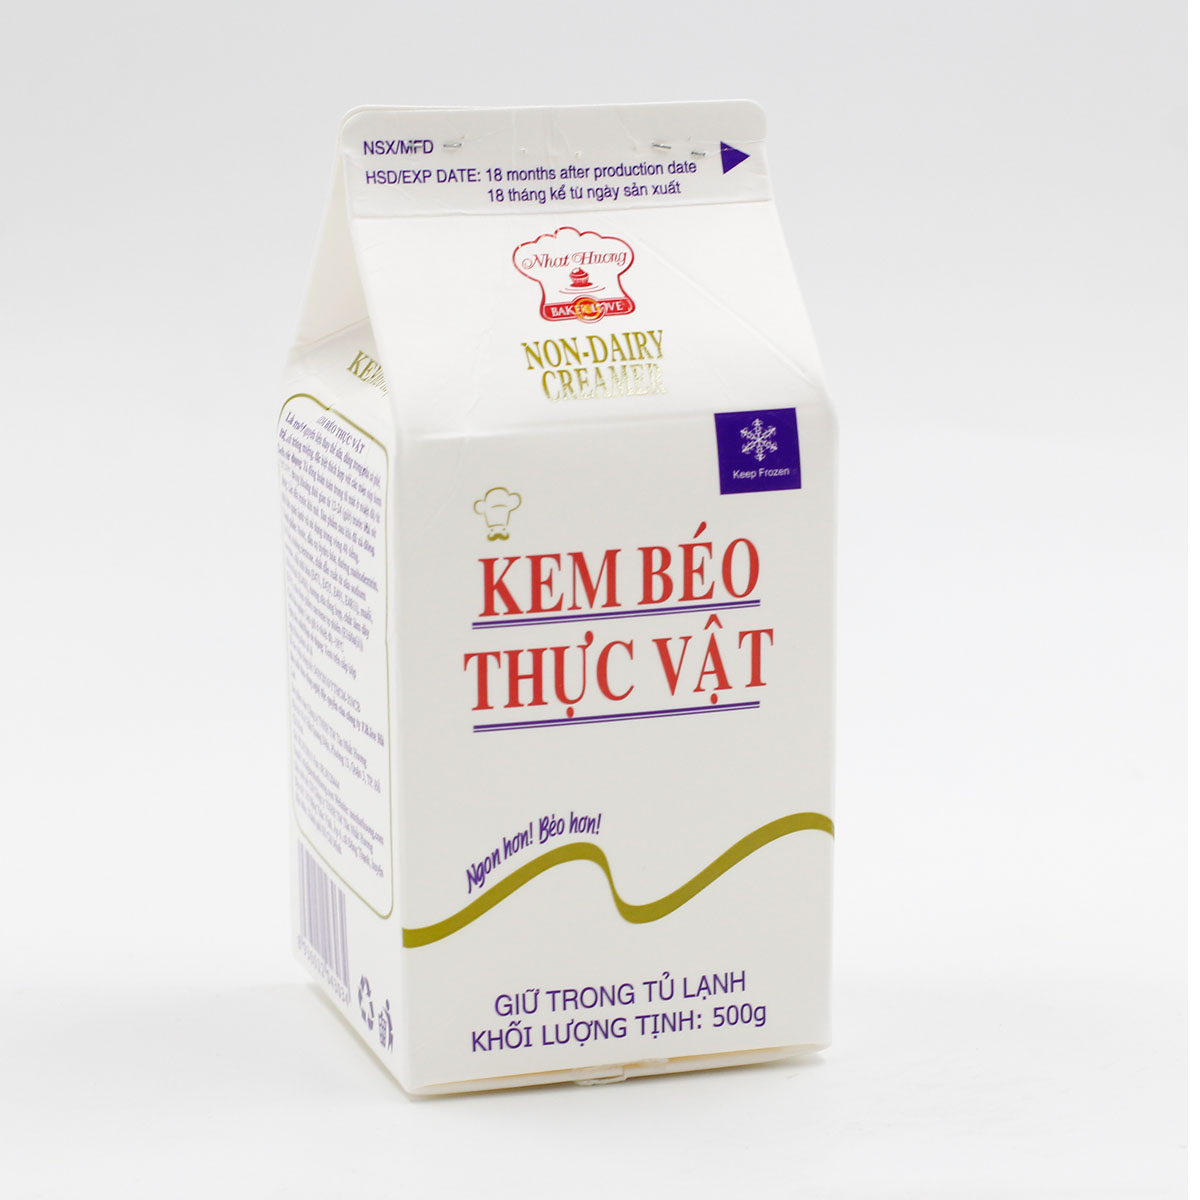 kem-beo-thuc-vat-500gr